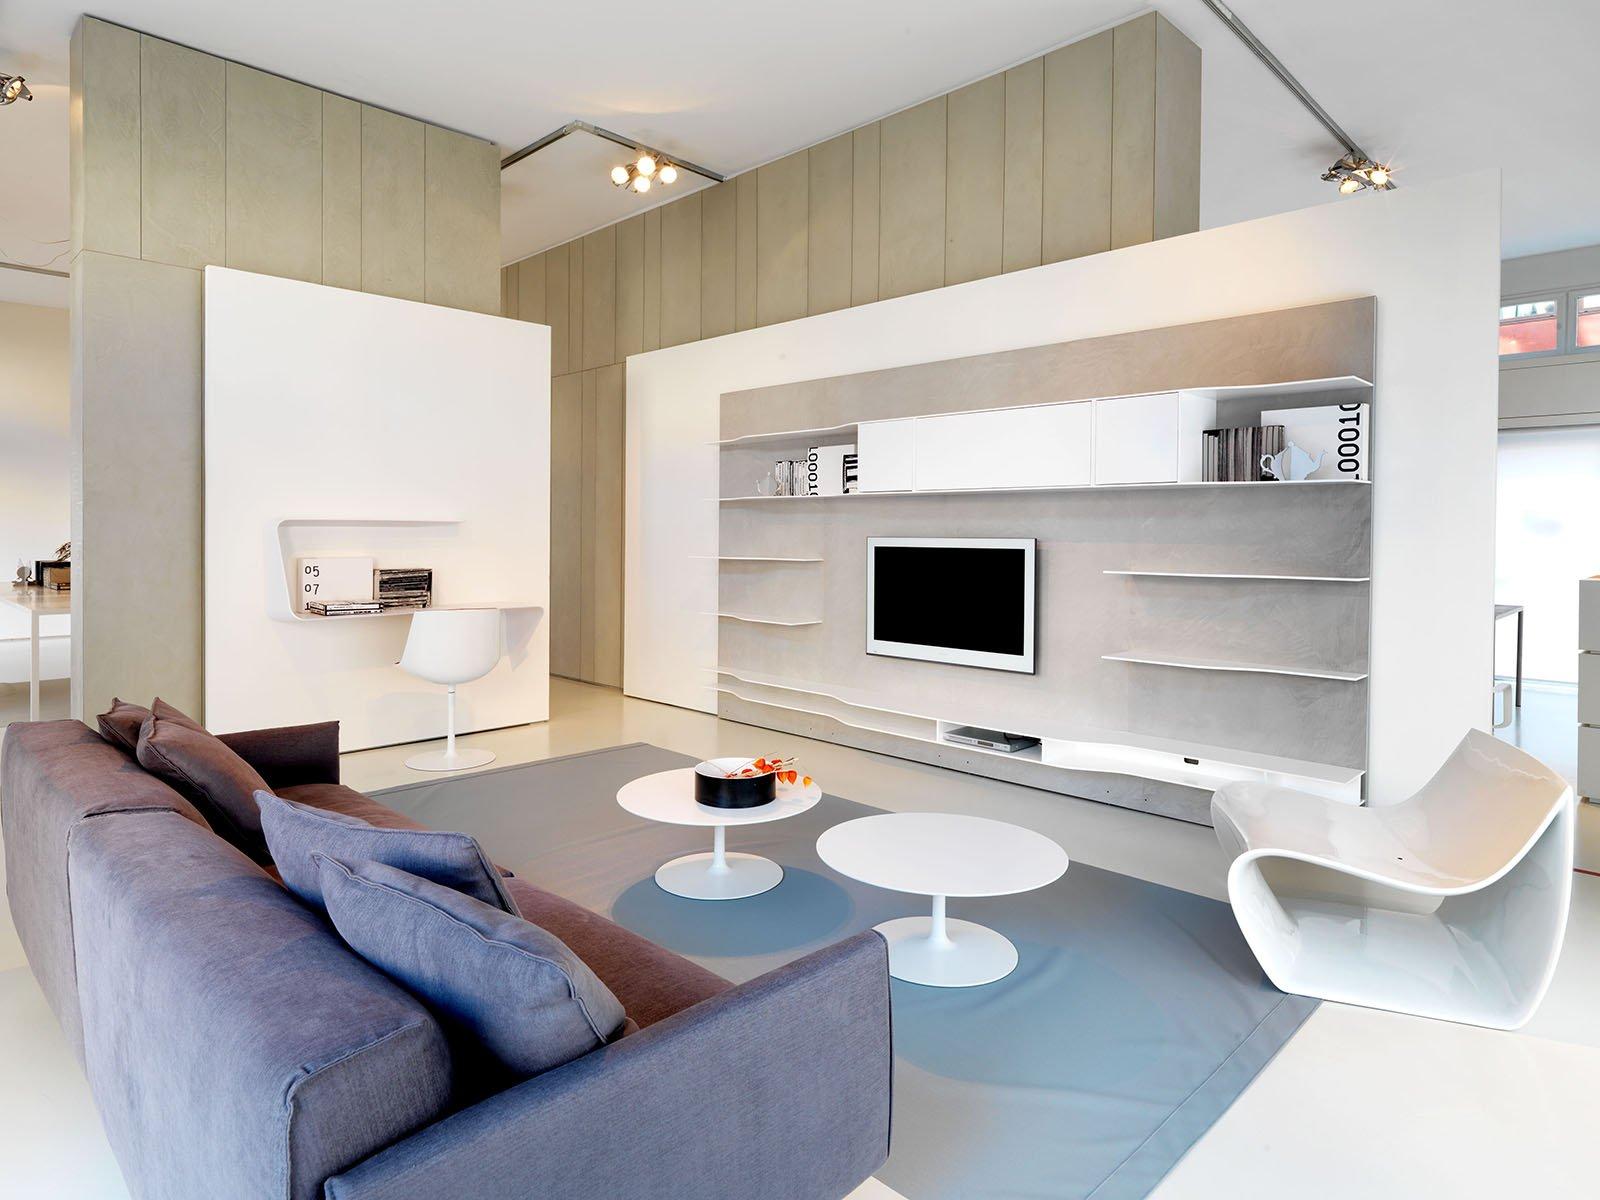 Mdf italia design in una vendita speciale cose di casa for Vendita design